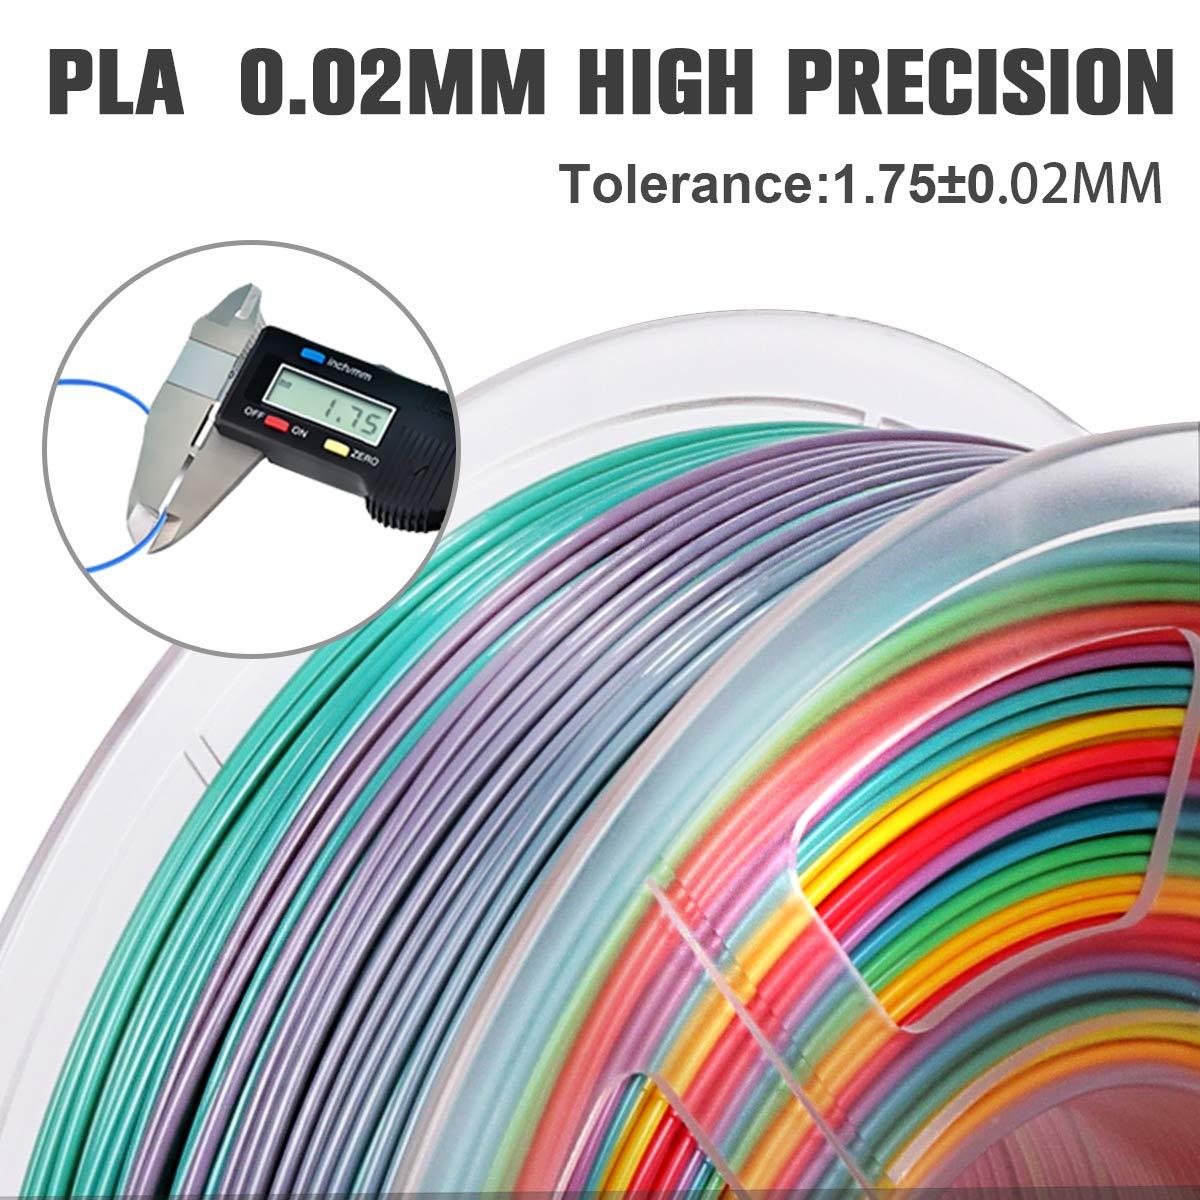 PLA+ Filament 1.75mm SUNLU 3D filament 1.75 Black Black 2KG PLA+ Filament 0.02mm for 3D Printer 3D Pens